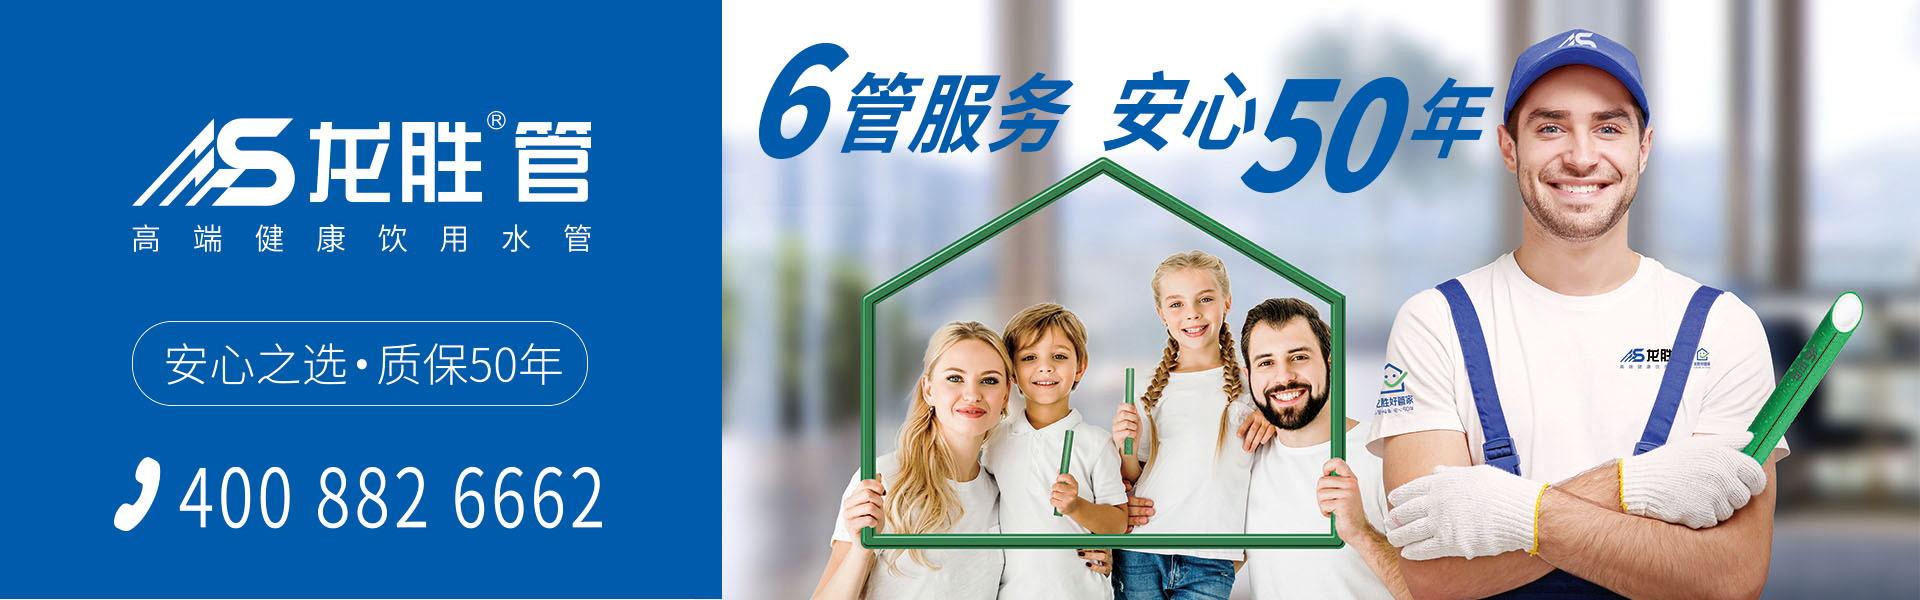 体育投注官网6管服务介绍海报